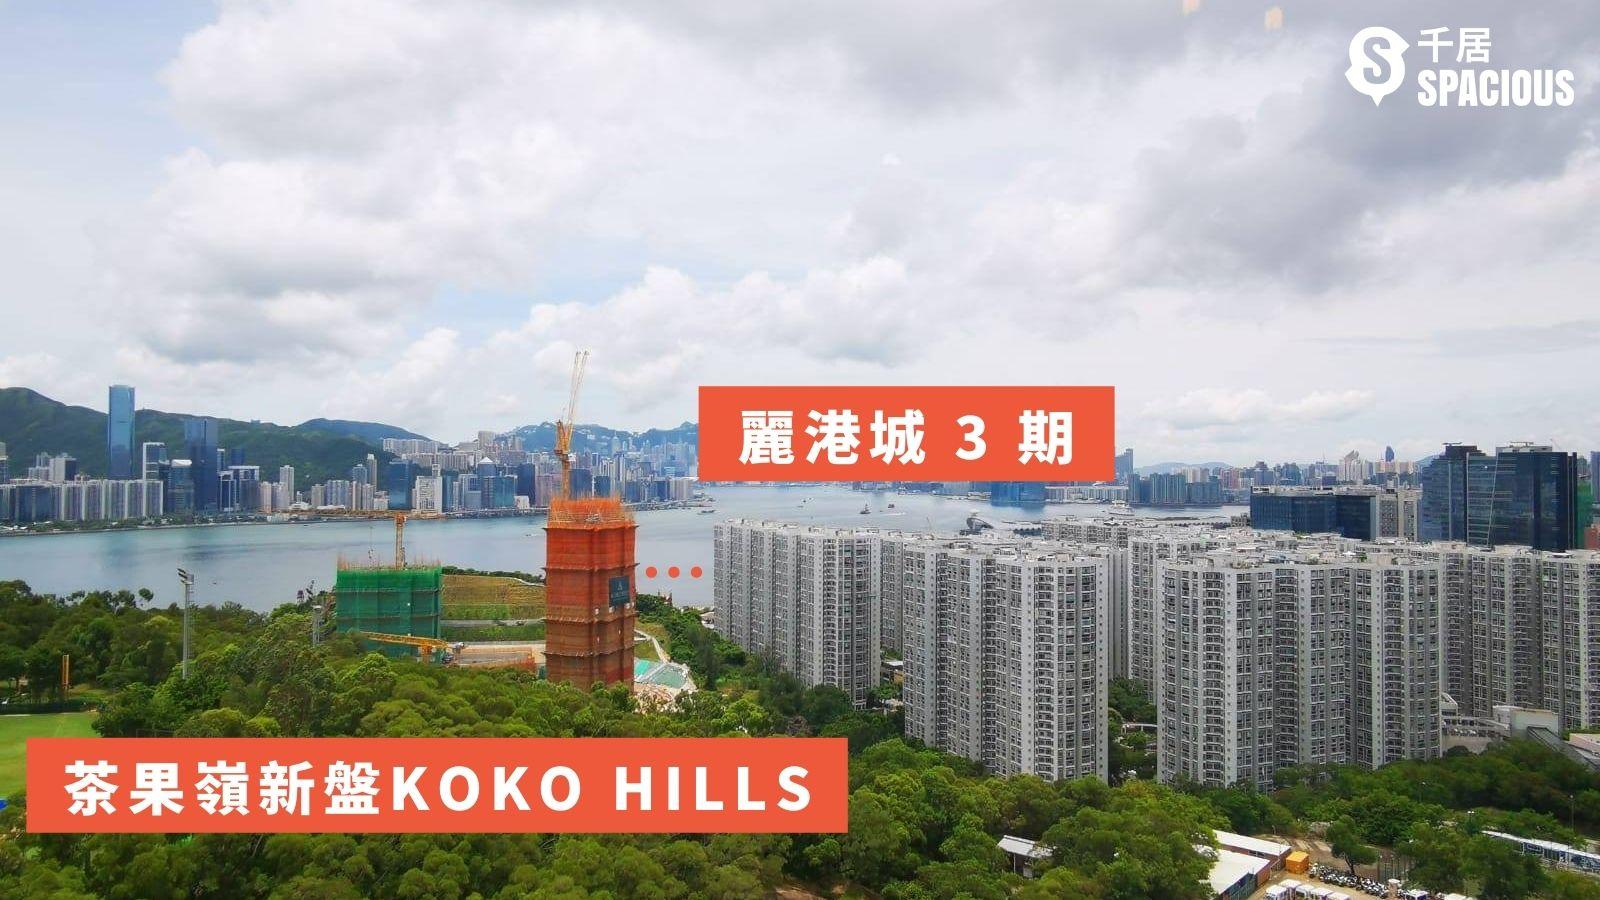 麗港城附近,茶果嶺新盤KOKO HILLS